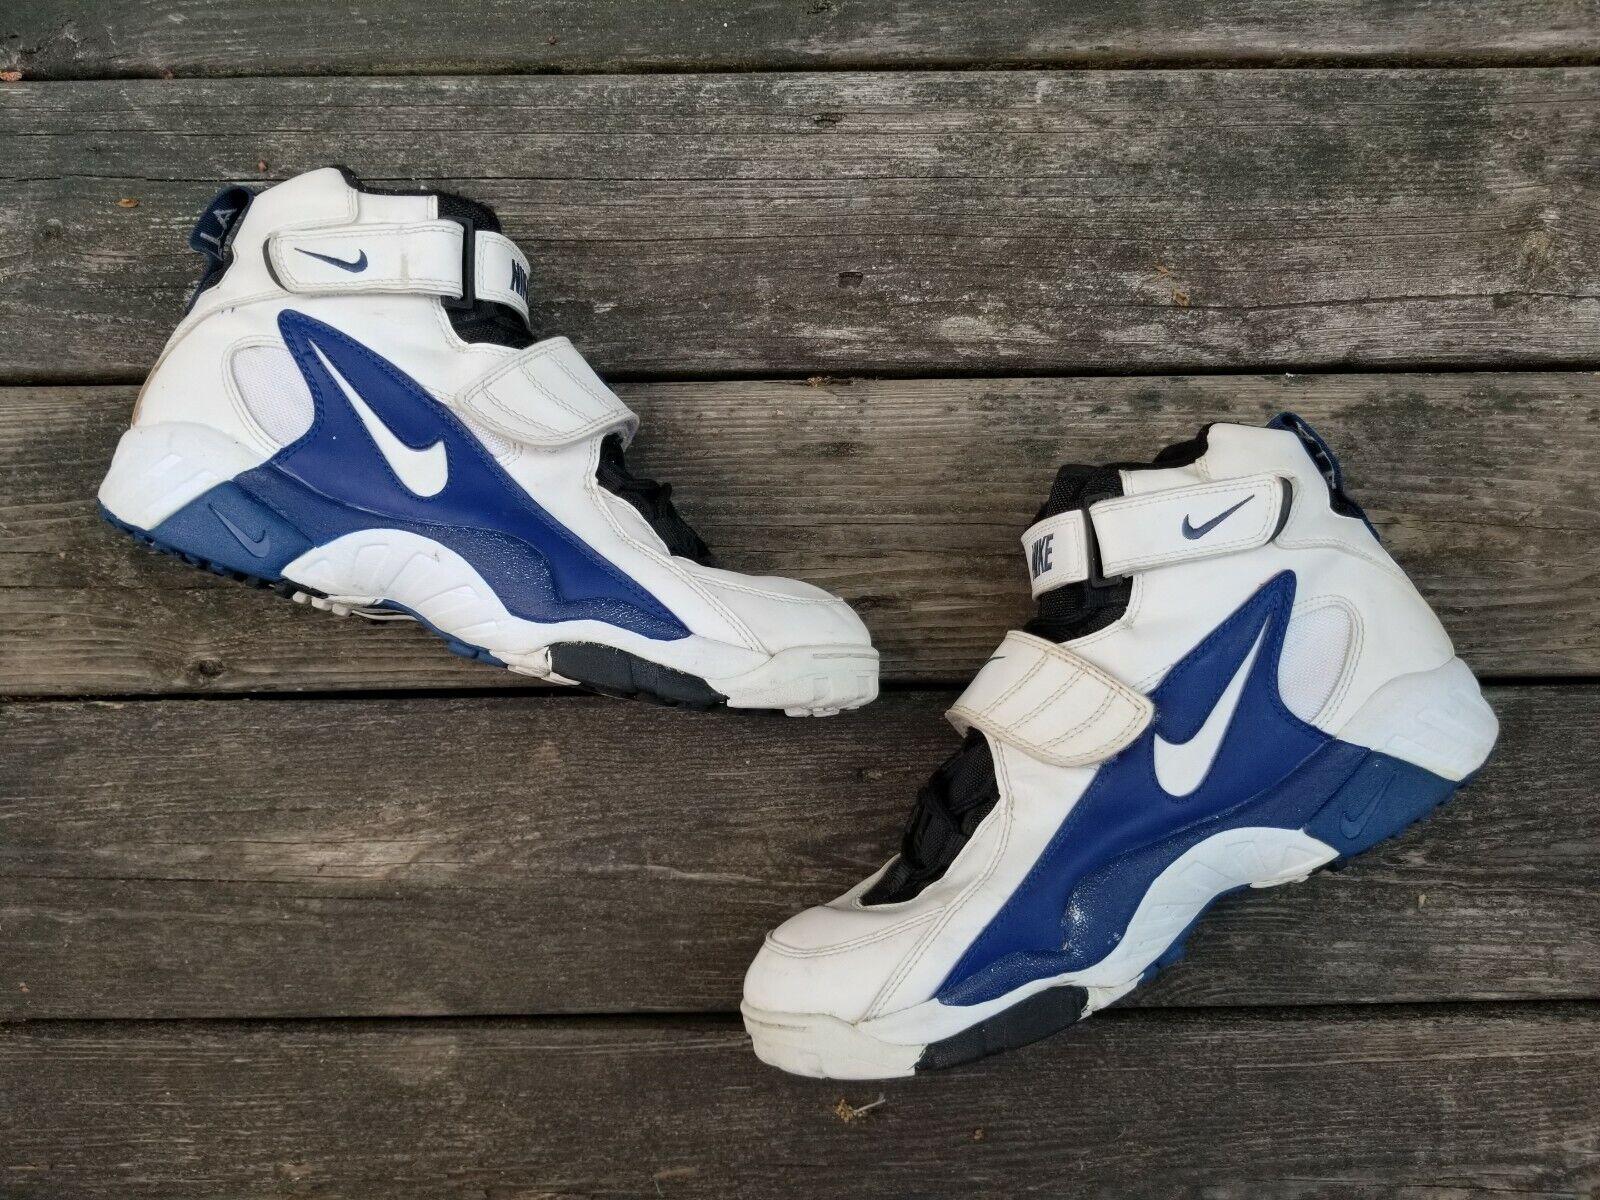 Vintage 1996 Nike Footbtutti Turf bianca blu sautope Dimensione 13 521009-112 CRAZY guarda  Sautope classeiche da uomo